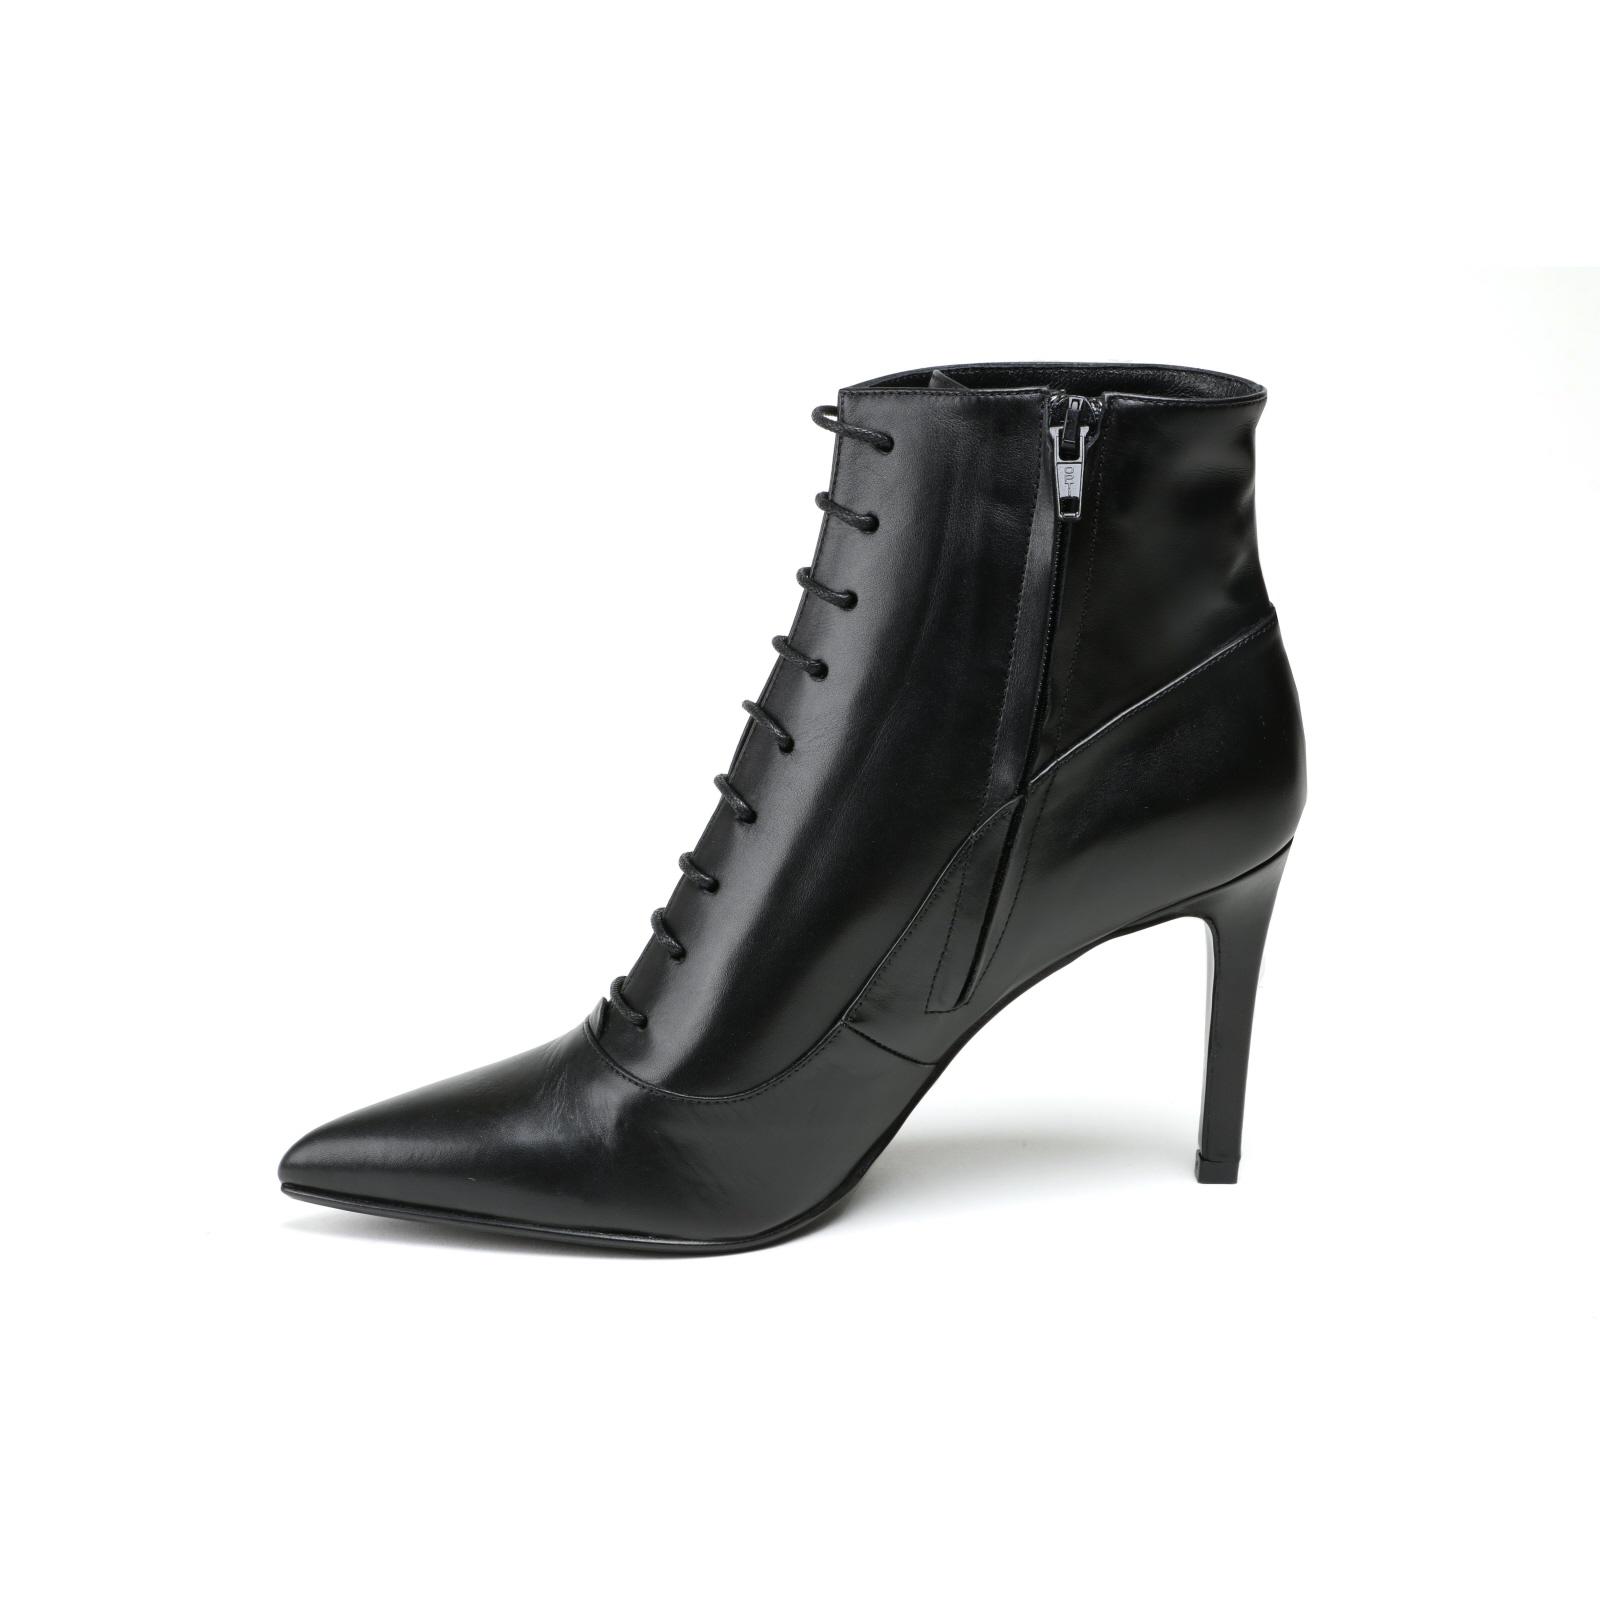 Damen Stiefelette Alberto Zago Elegant Gr.38 schwarz  Glattleder NEU Gr.38 Elegant d047ea